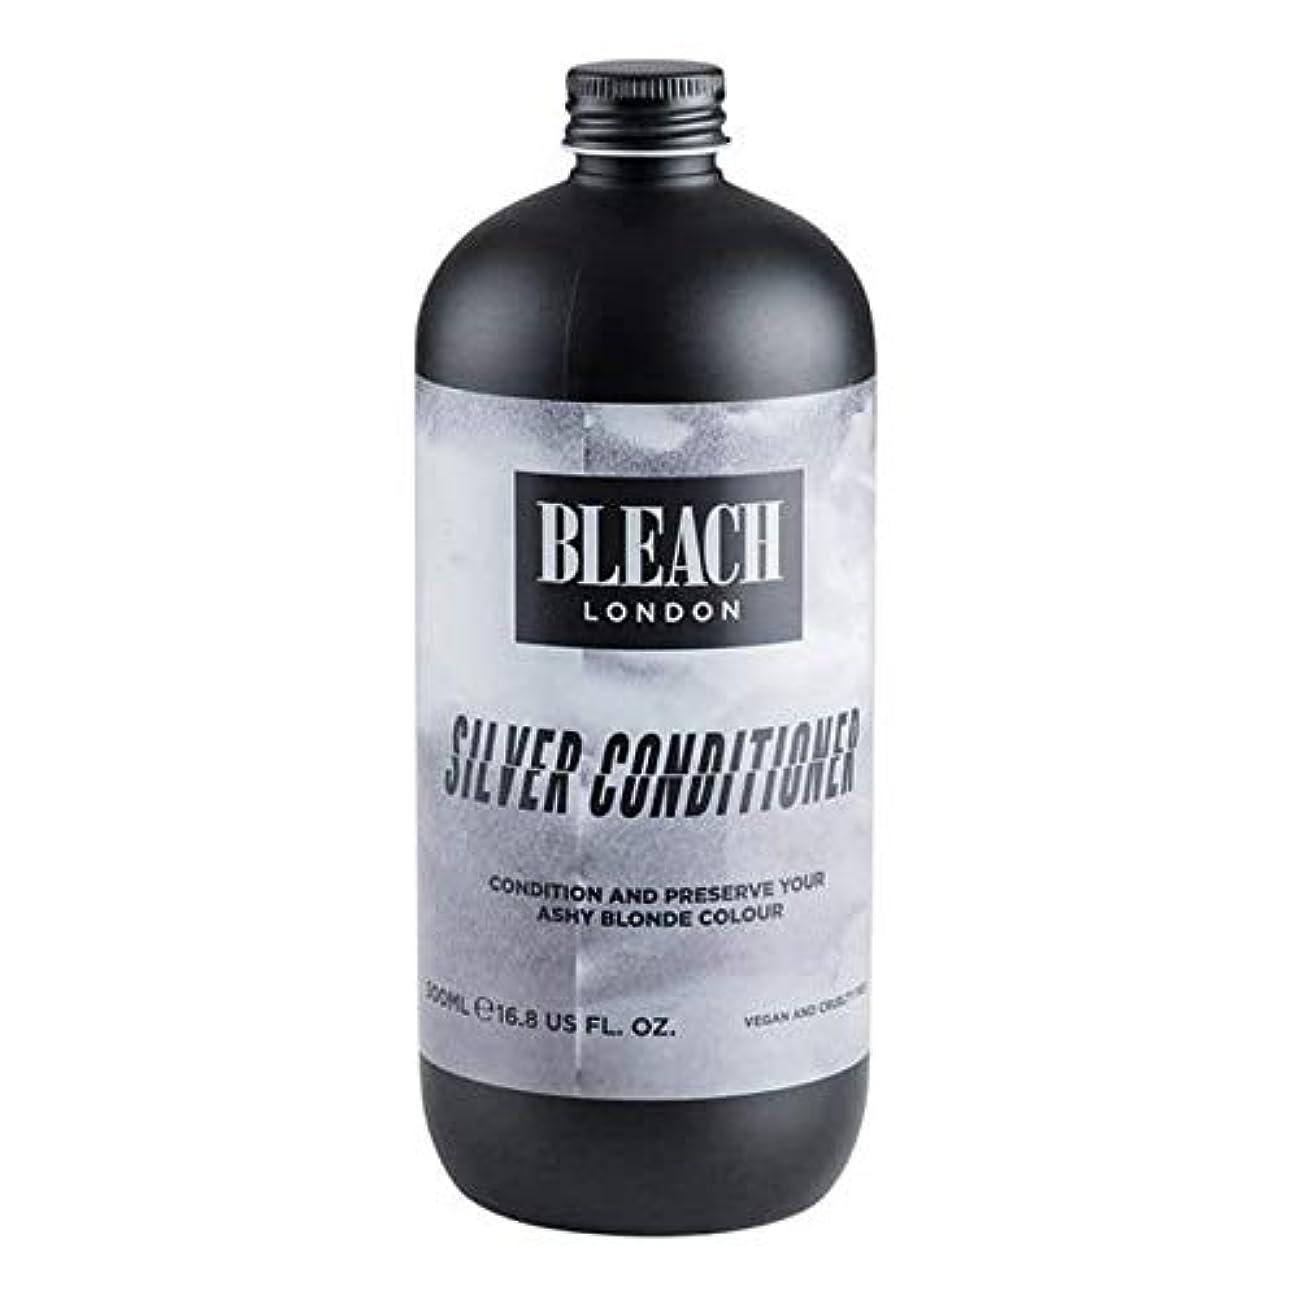 ジョグバンドコロニアル[Bleach London ] 漂白ロンドン銀コンディショナー500ミリリットル - Bleach London Silver Conditioner 500ml [並行輸入品]